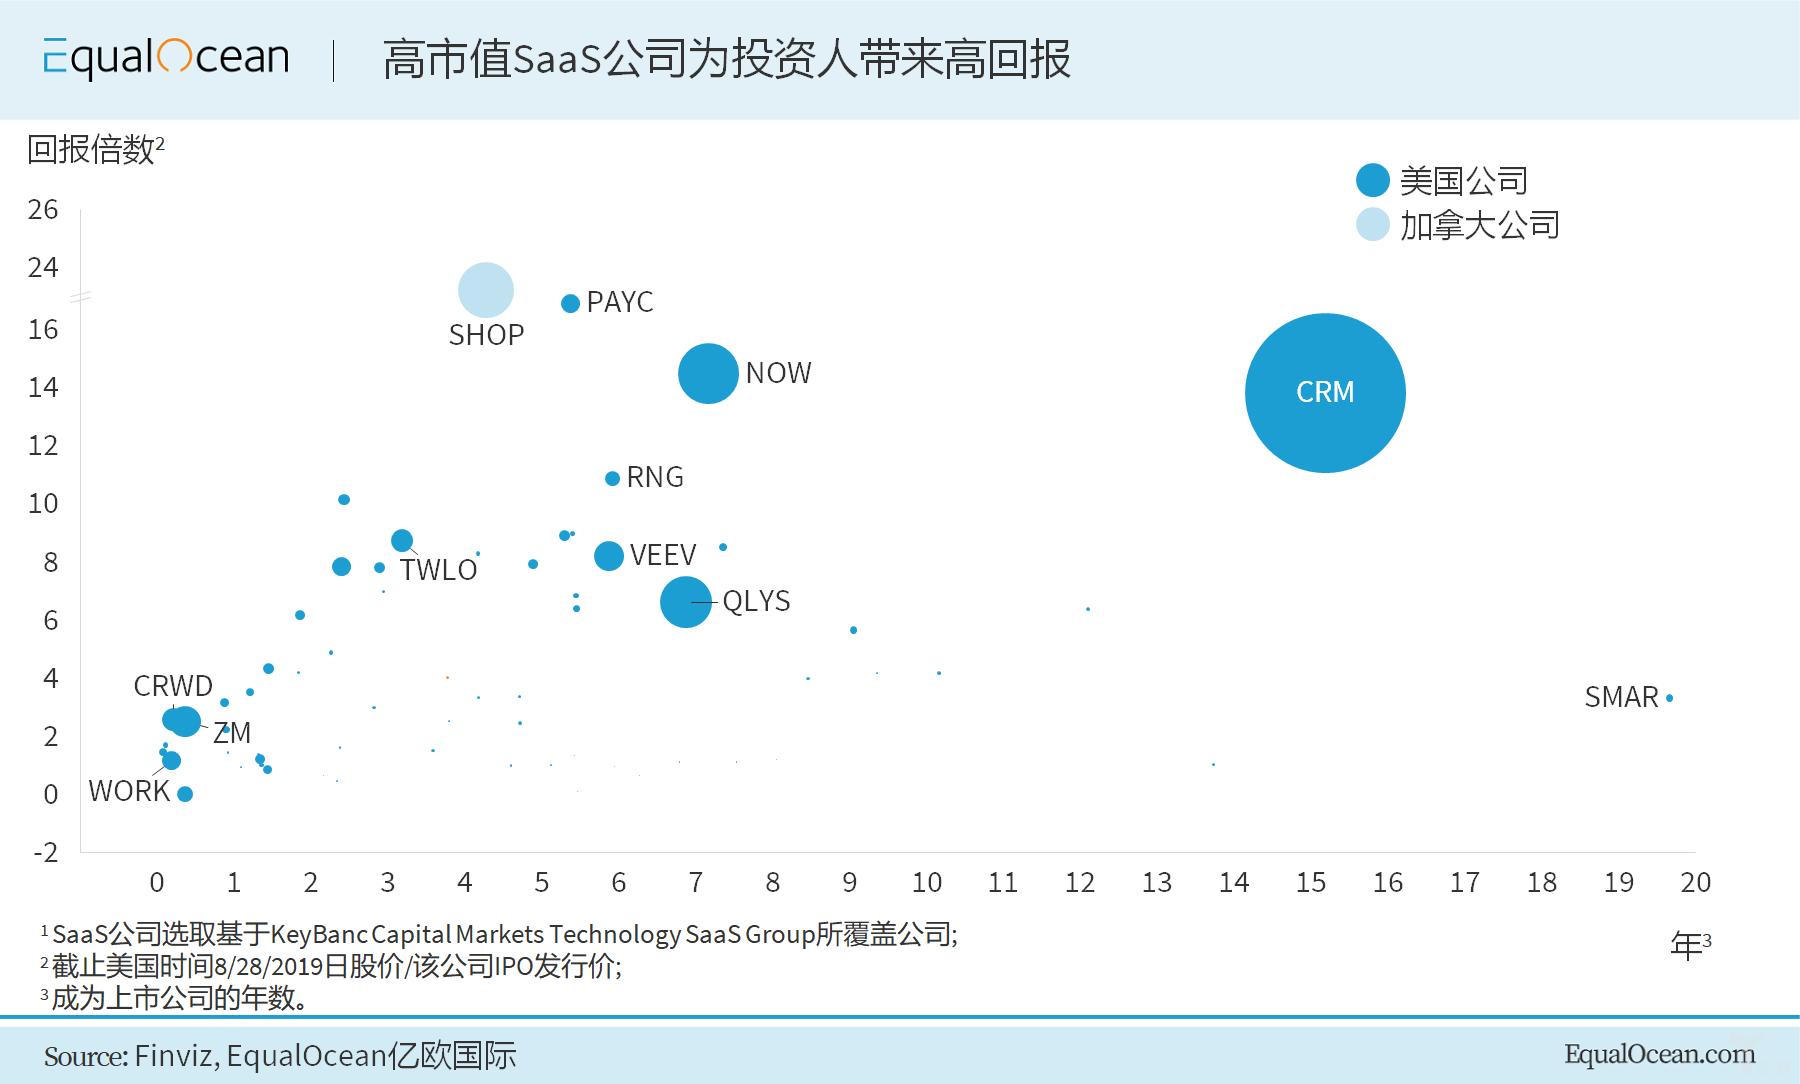 <b>SaaS, 云,供应链,工业4.0,谁定义了中国的产业互联网</b>